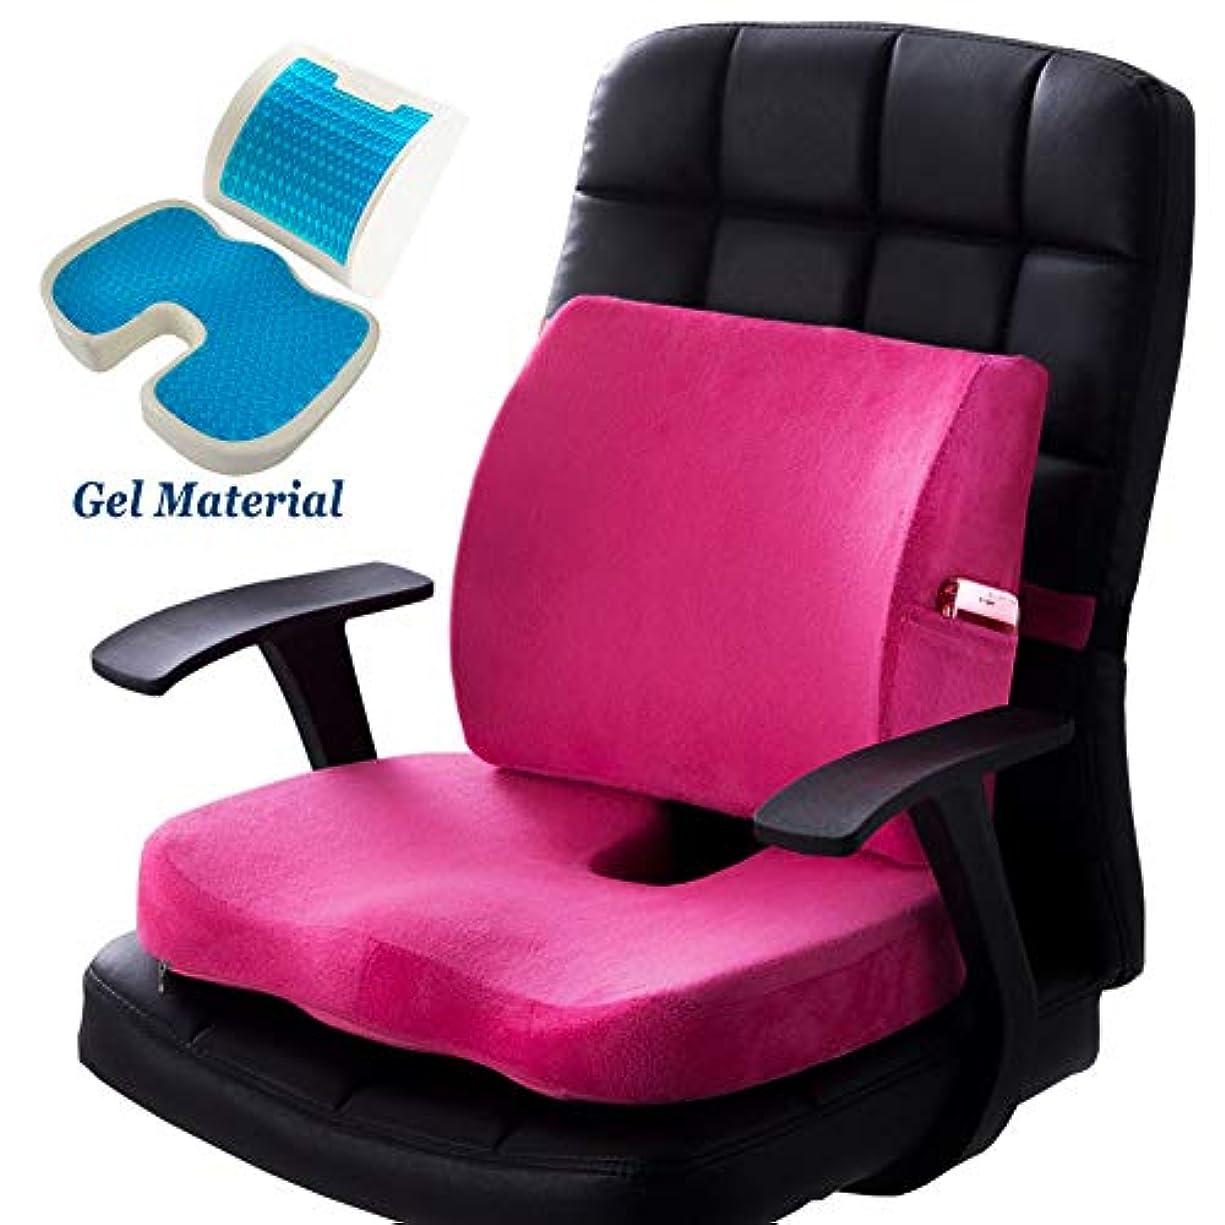 差別化する準拠冒険シートクッションと腰用クッションセット,ファッション低反発フォーム/ジェルサポートバッククッション、洗えるカバー、坐骨神経痛の痛みを軽減,PinkPlush,Gel